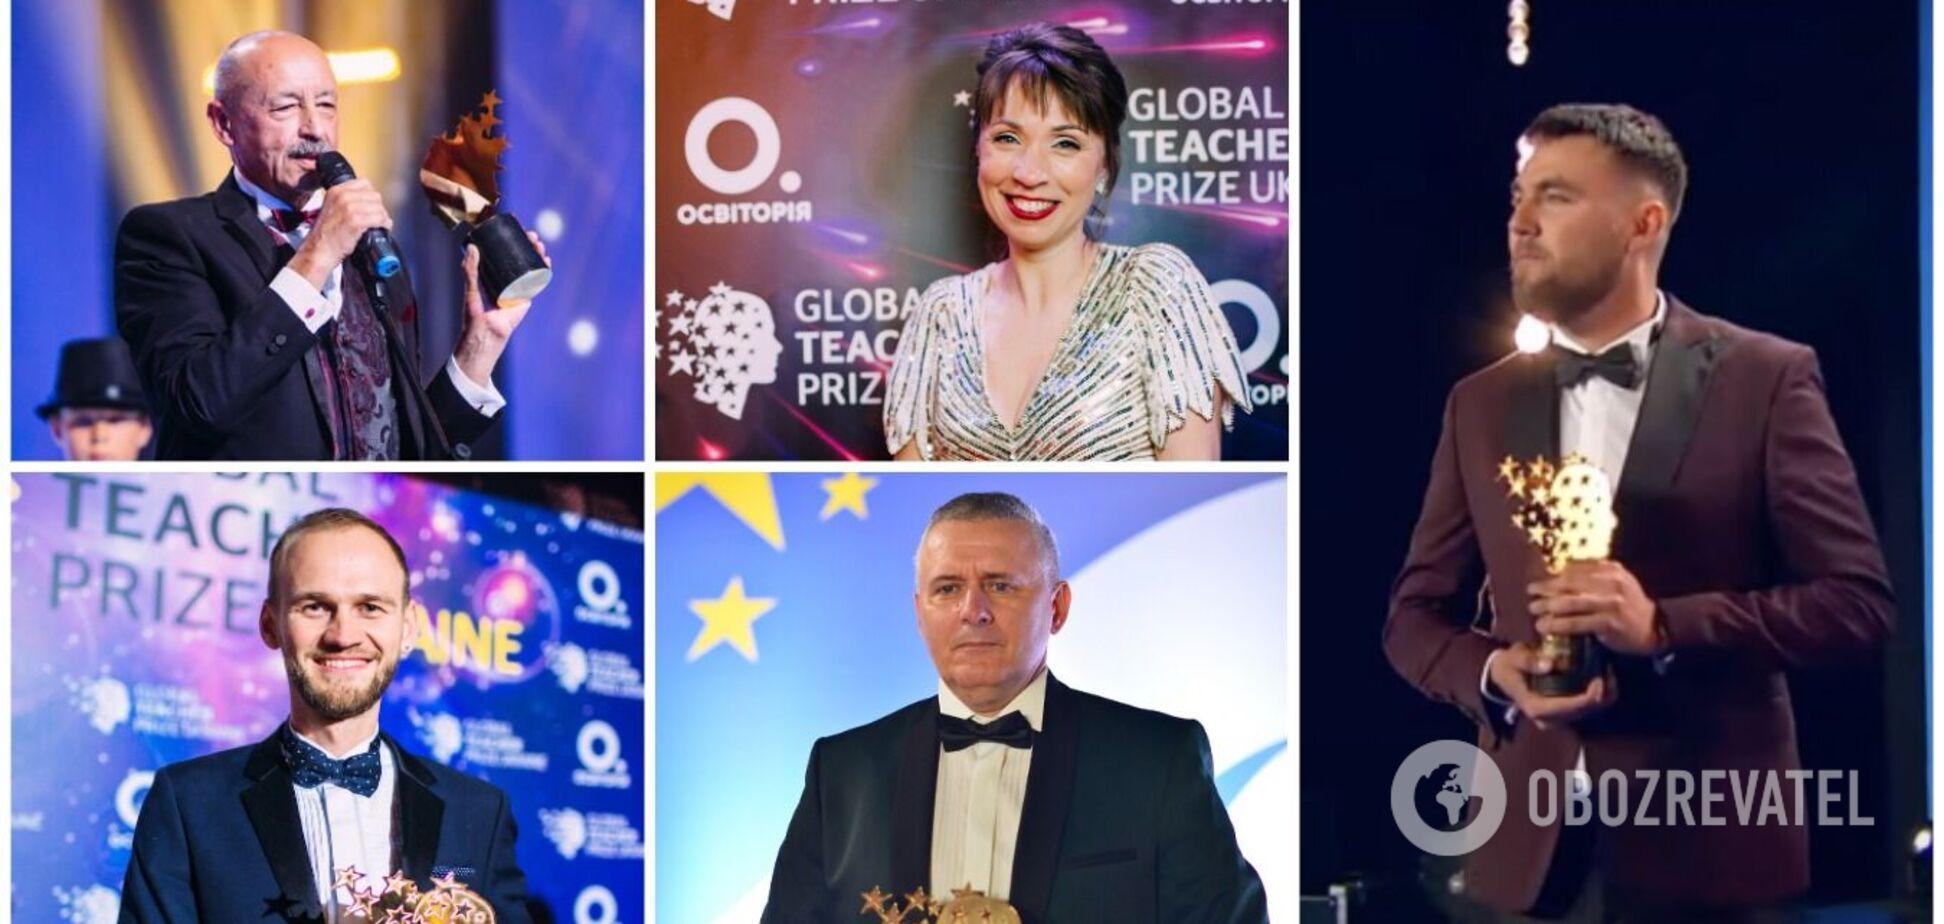 Переможці Global Teacher Prize Ukraine 2017-2021